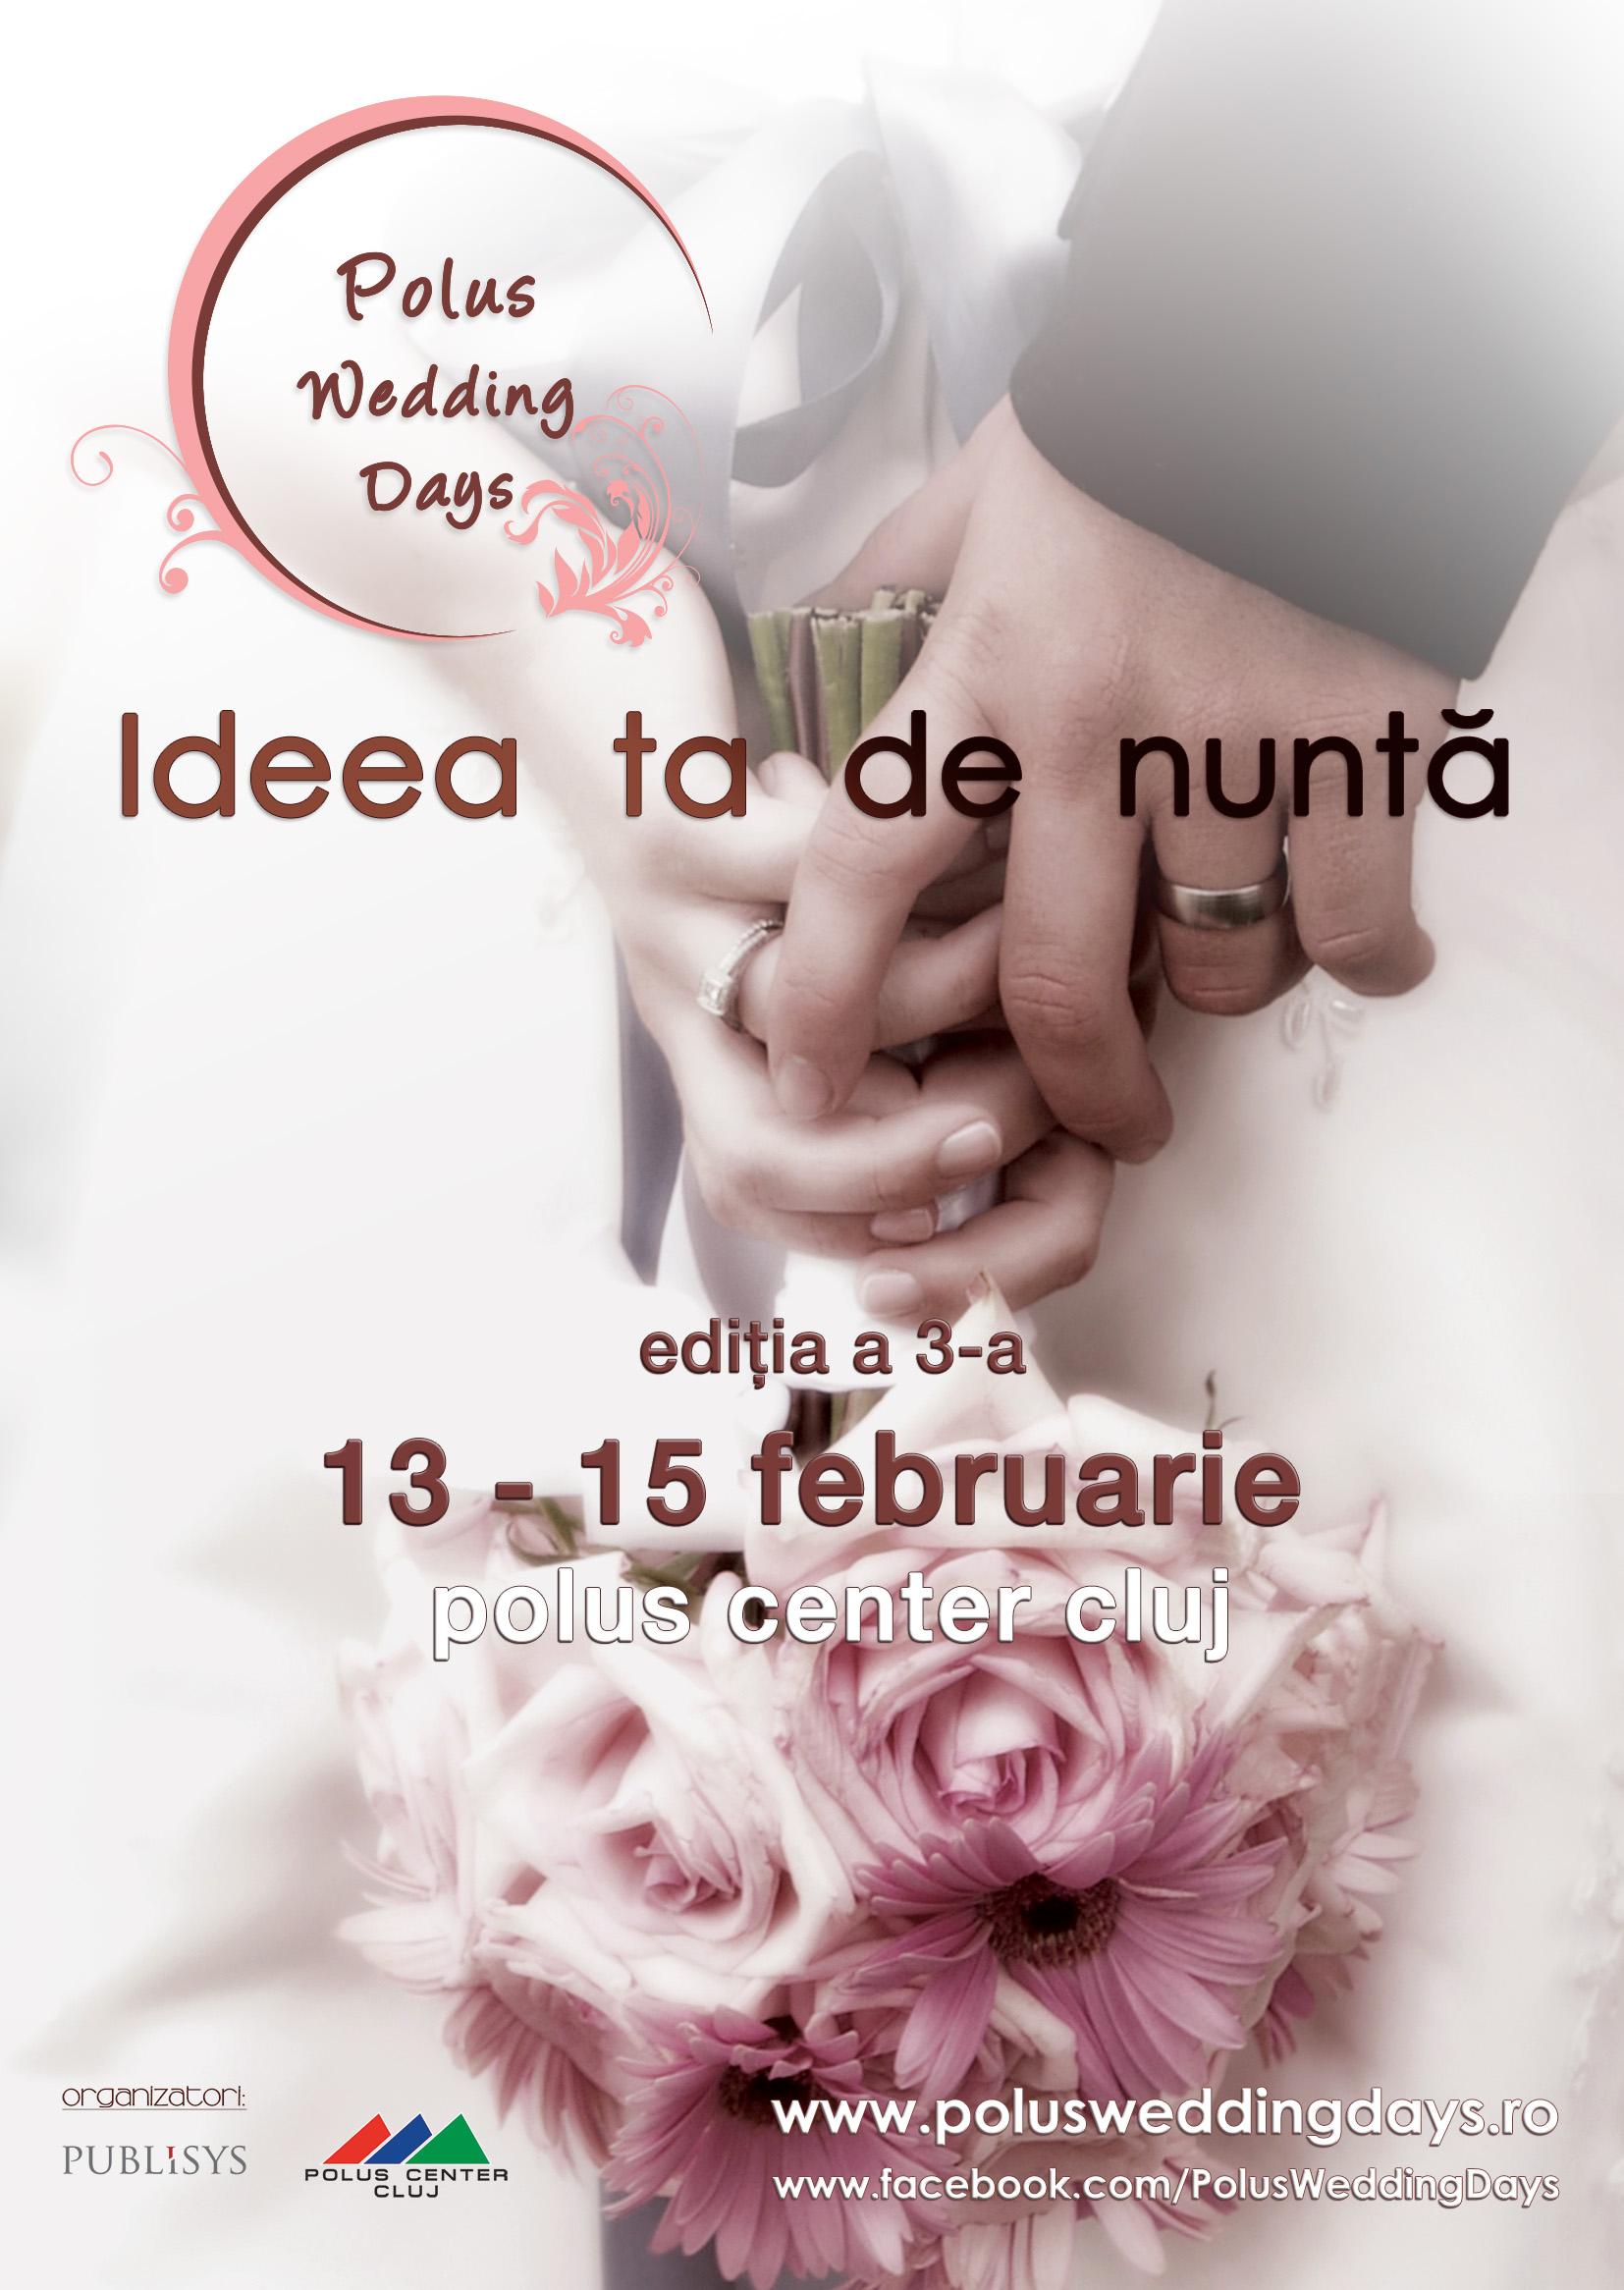 Polus Wedding Days @ Polus Center